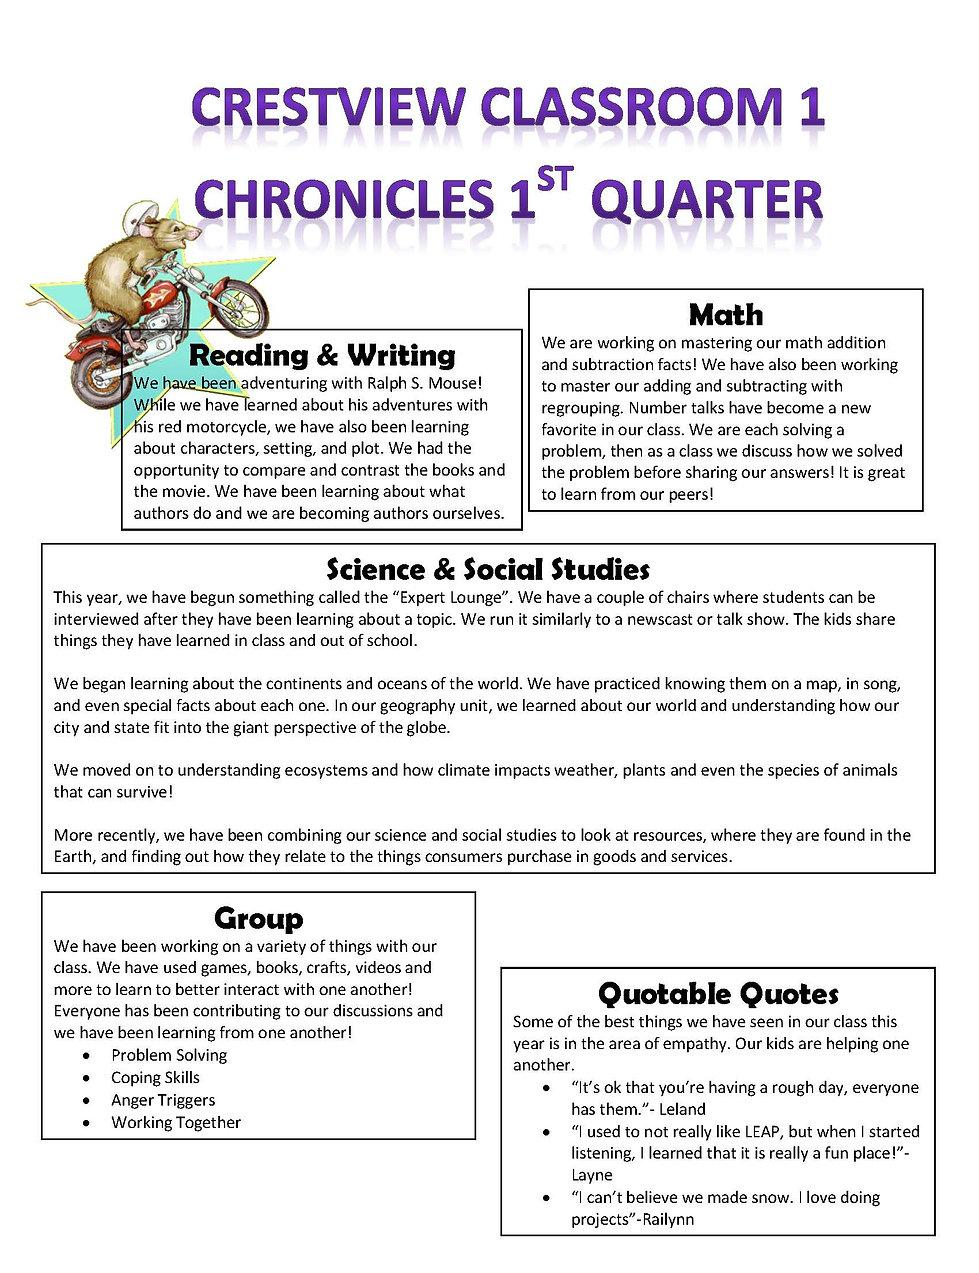 Quarter 1 Newsletter Classroom 1 2019 20